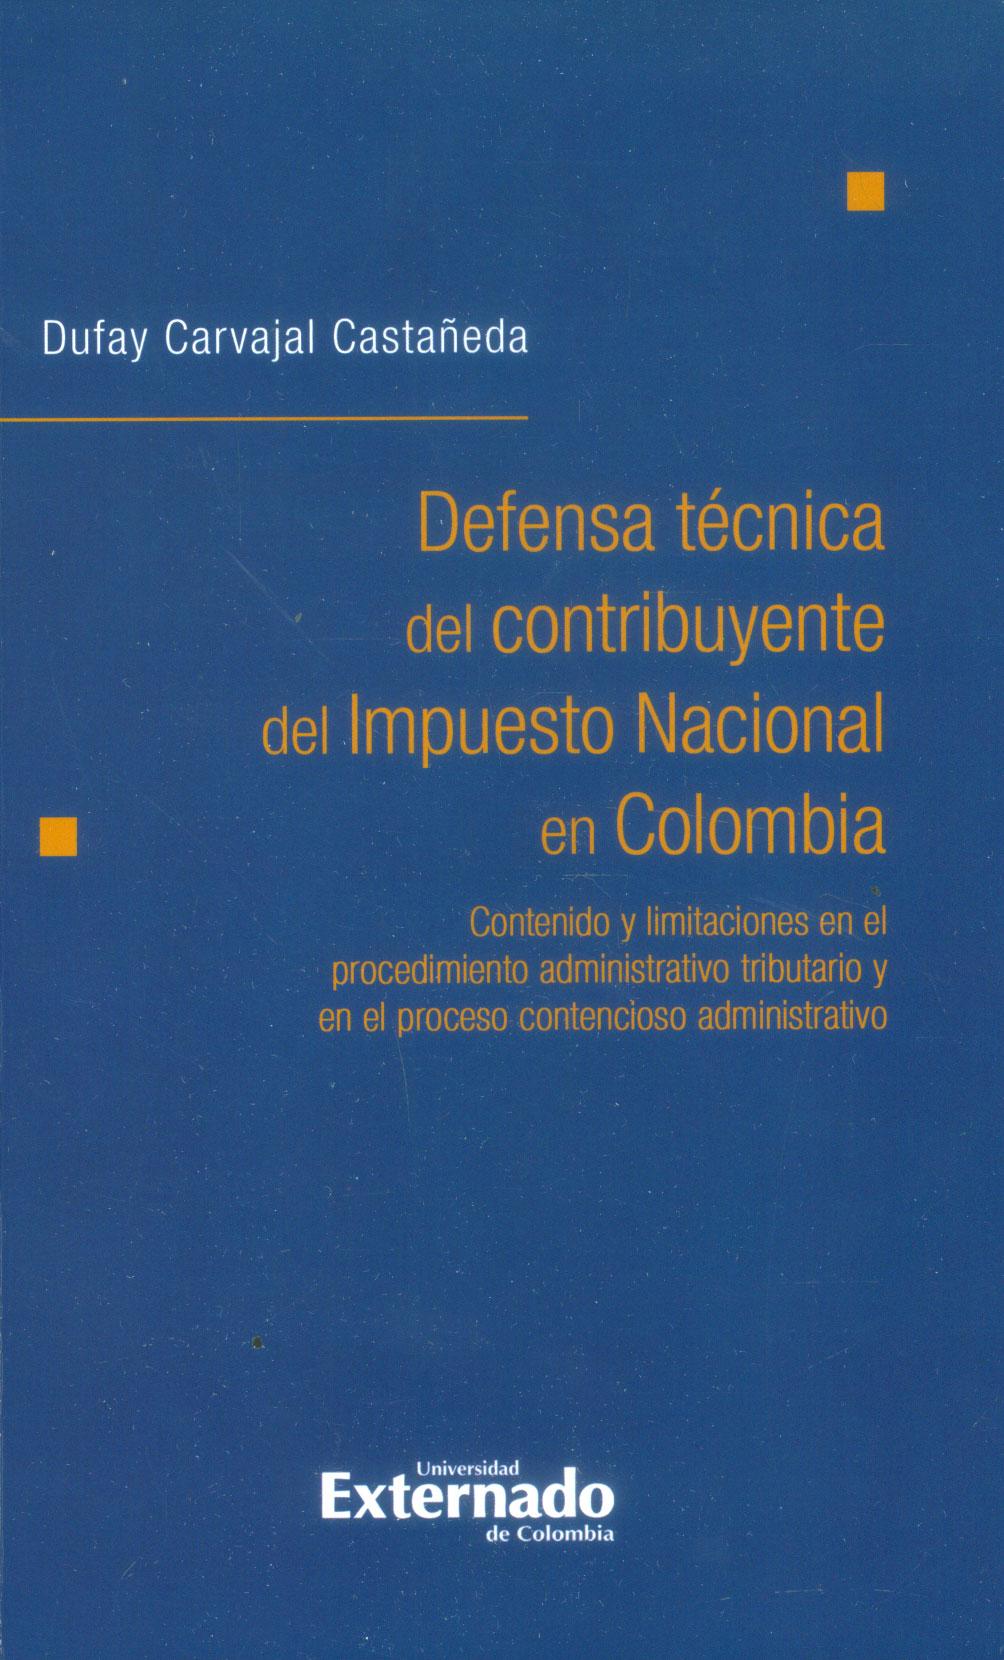 Defensa técnica del contribuyente del impuesto nacional en Colombia: contenido y limitaciones en el procedimiento administrativo tributario y en el proceso contencioso administrativo